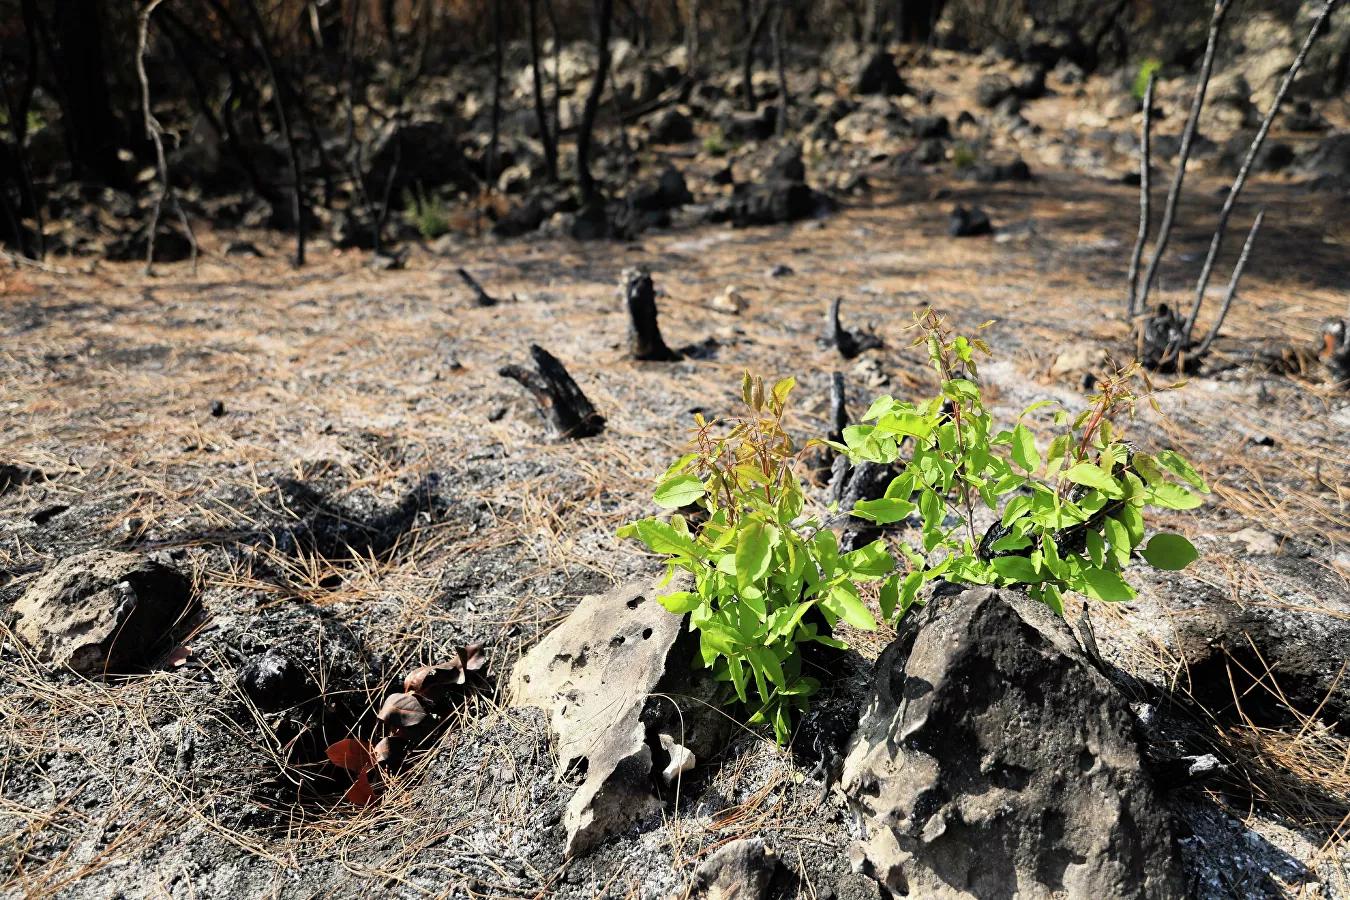 Manavgat'ta 10 Gün Süren Yangından Sonra Biraz da Olsa Sevindiren Haber: 20 Metrekarede 7 Bitki Türü Yeşerdi